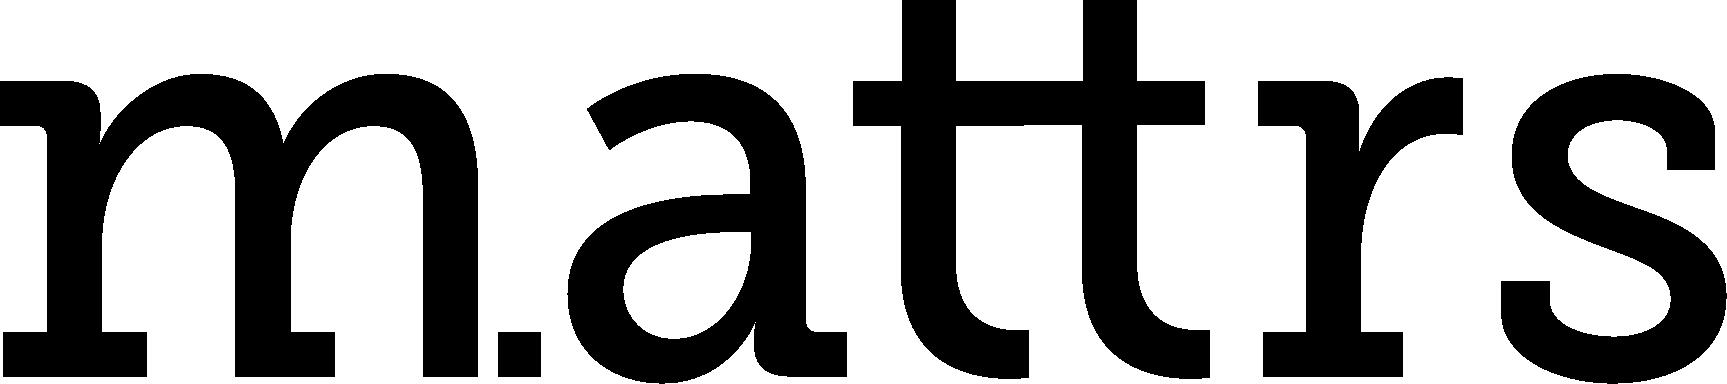 mattrs - Markenagentur